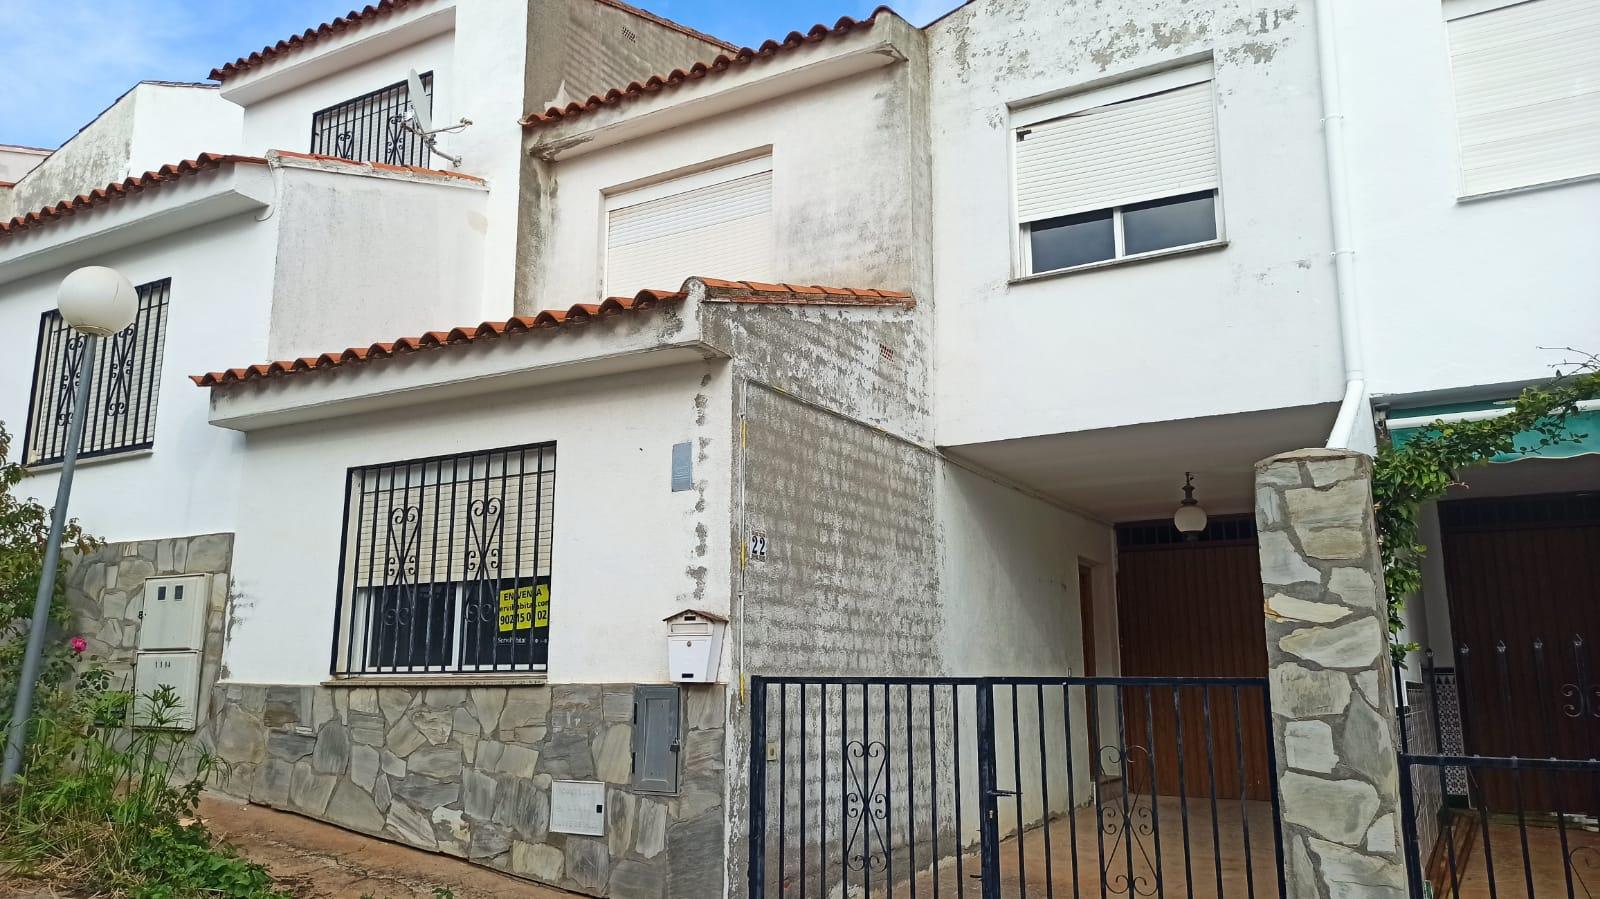 Casa en venta en Los Navalucillos, los Navalucillos, Toledo, Calle Sor Lucia Alia, 75.000 €, 4 habitaciones, 1 baño, 135 m2